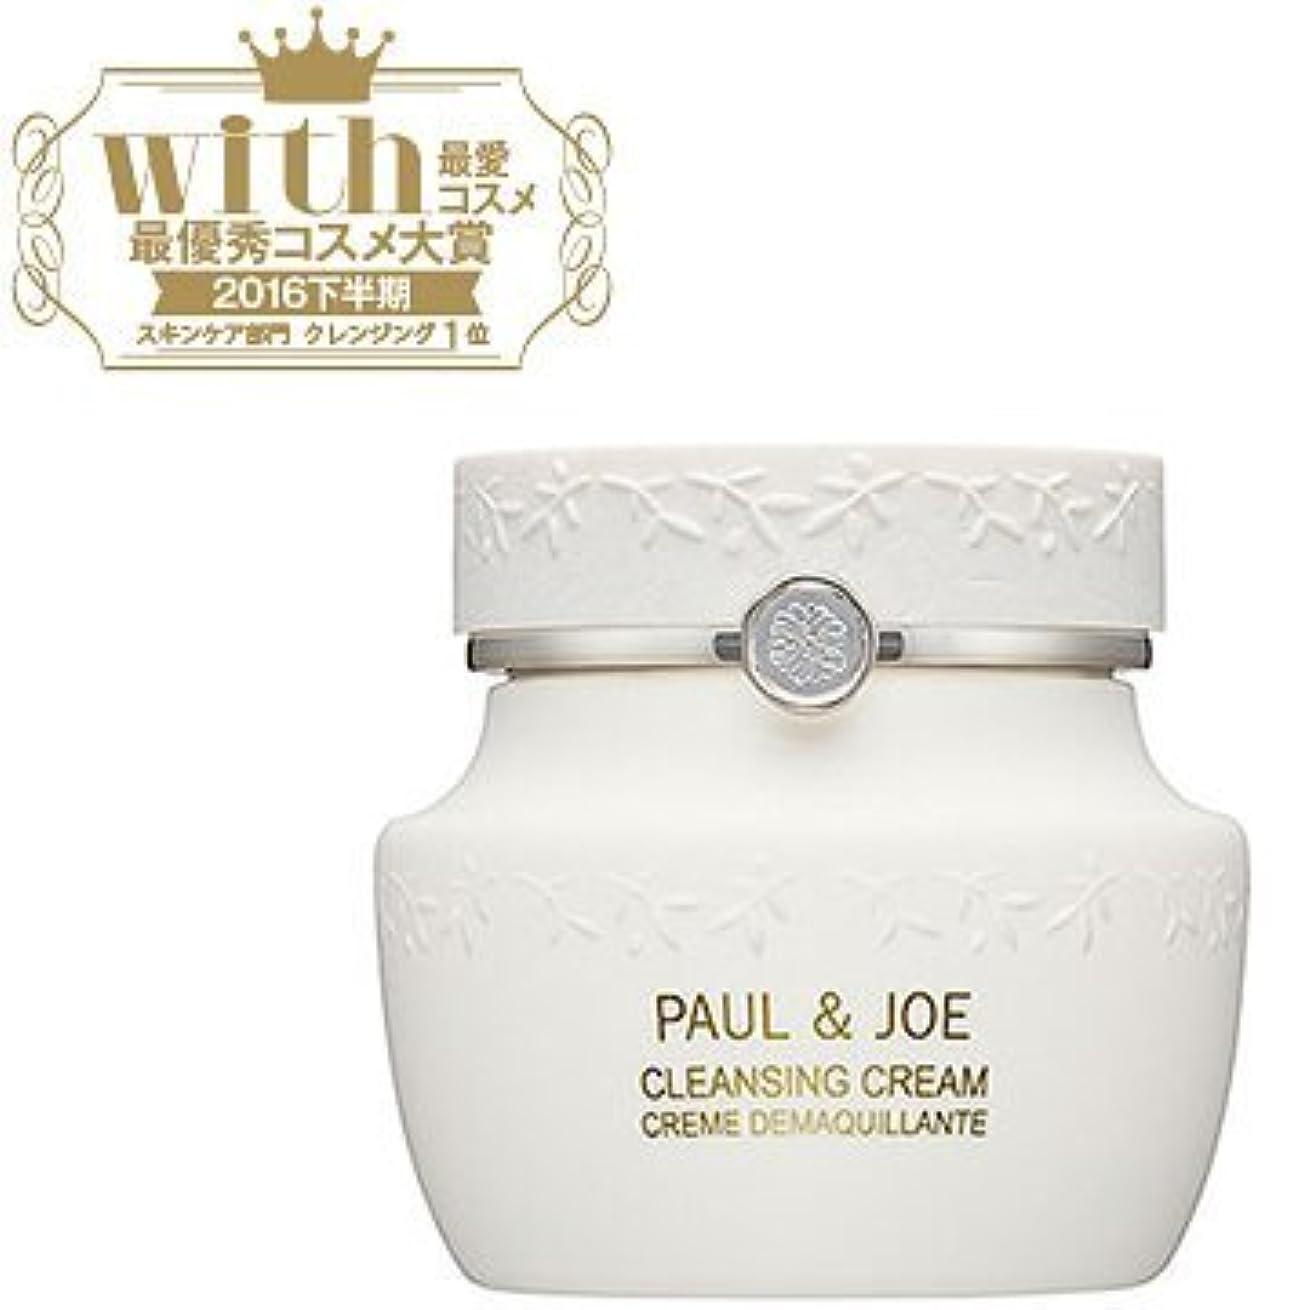 割り当てる永遠に謙虚なポール&ジョー PAUL&JOEクレンジング クリーム Cleansing Cream 150g [並行輸入品]